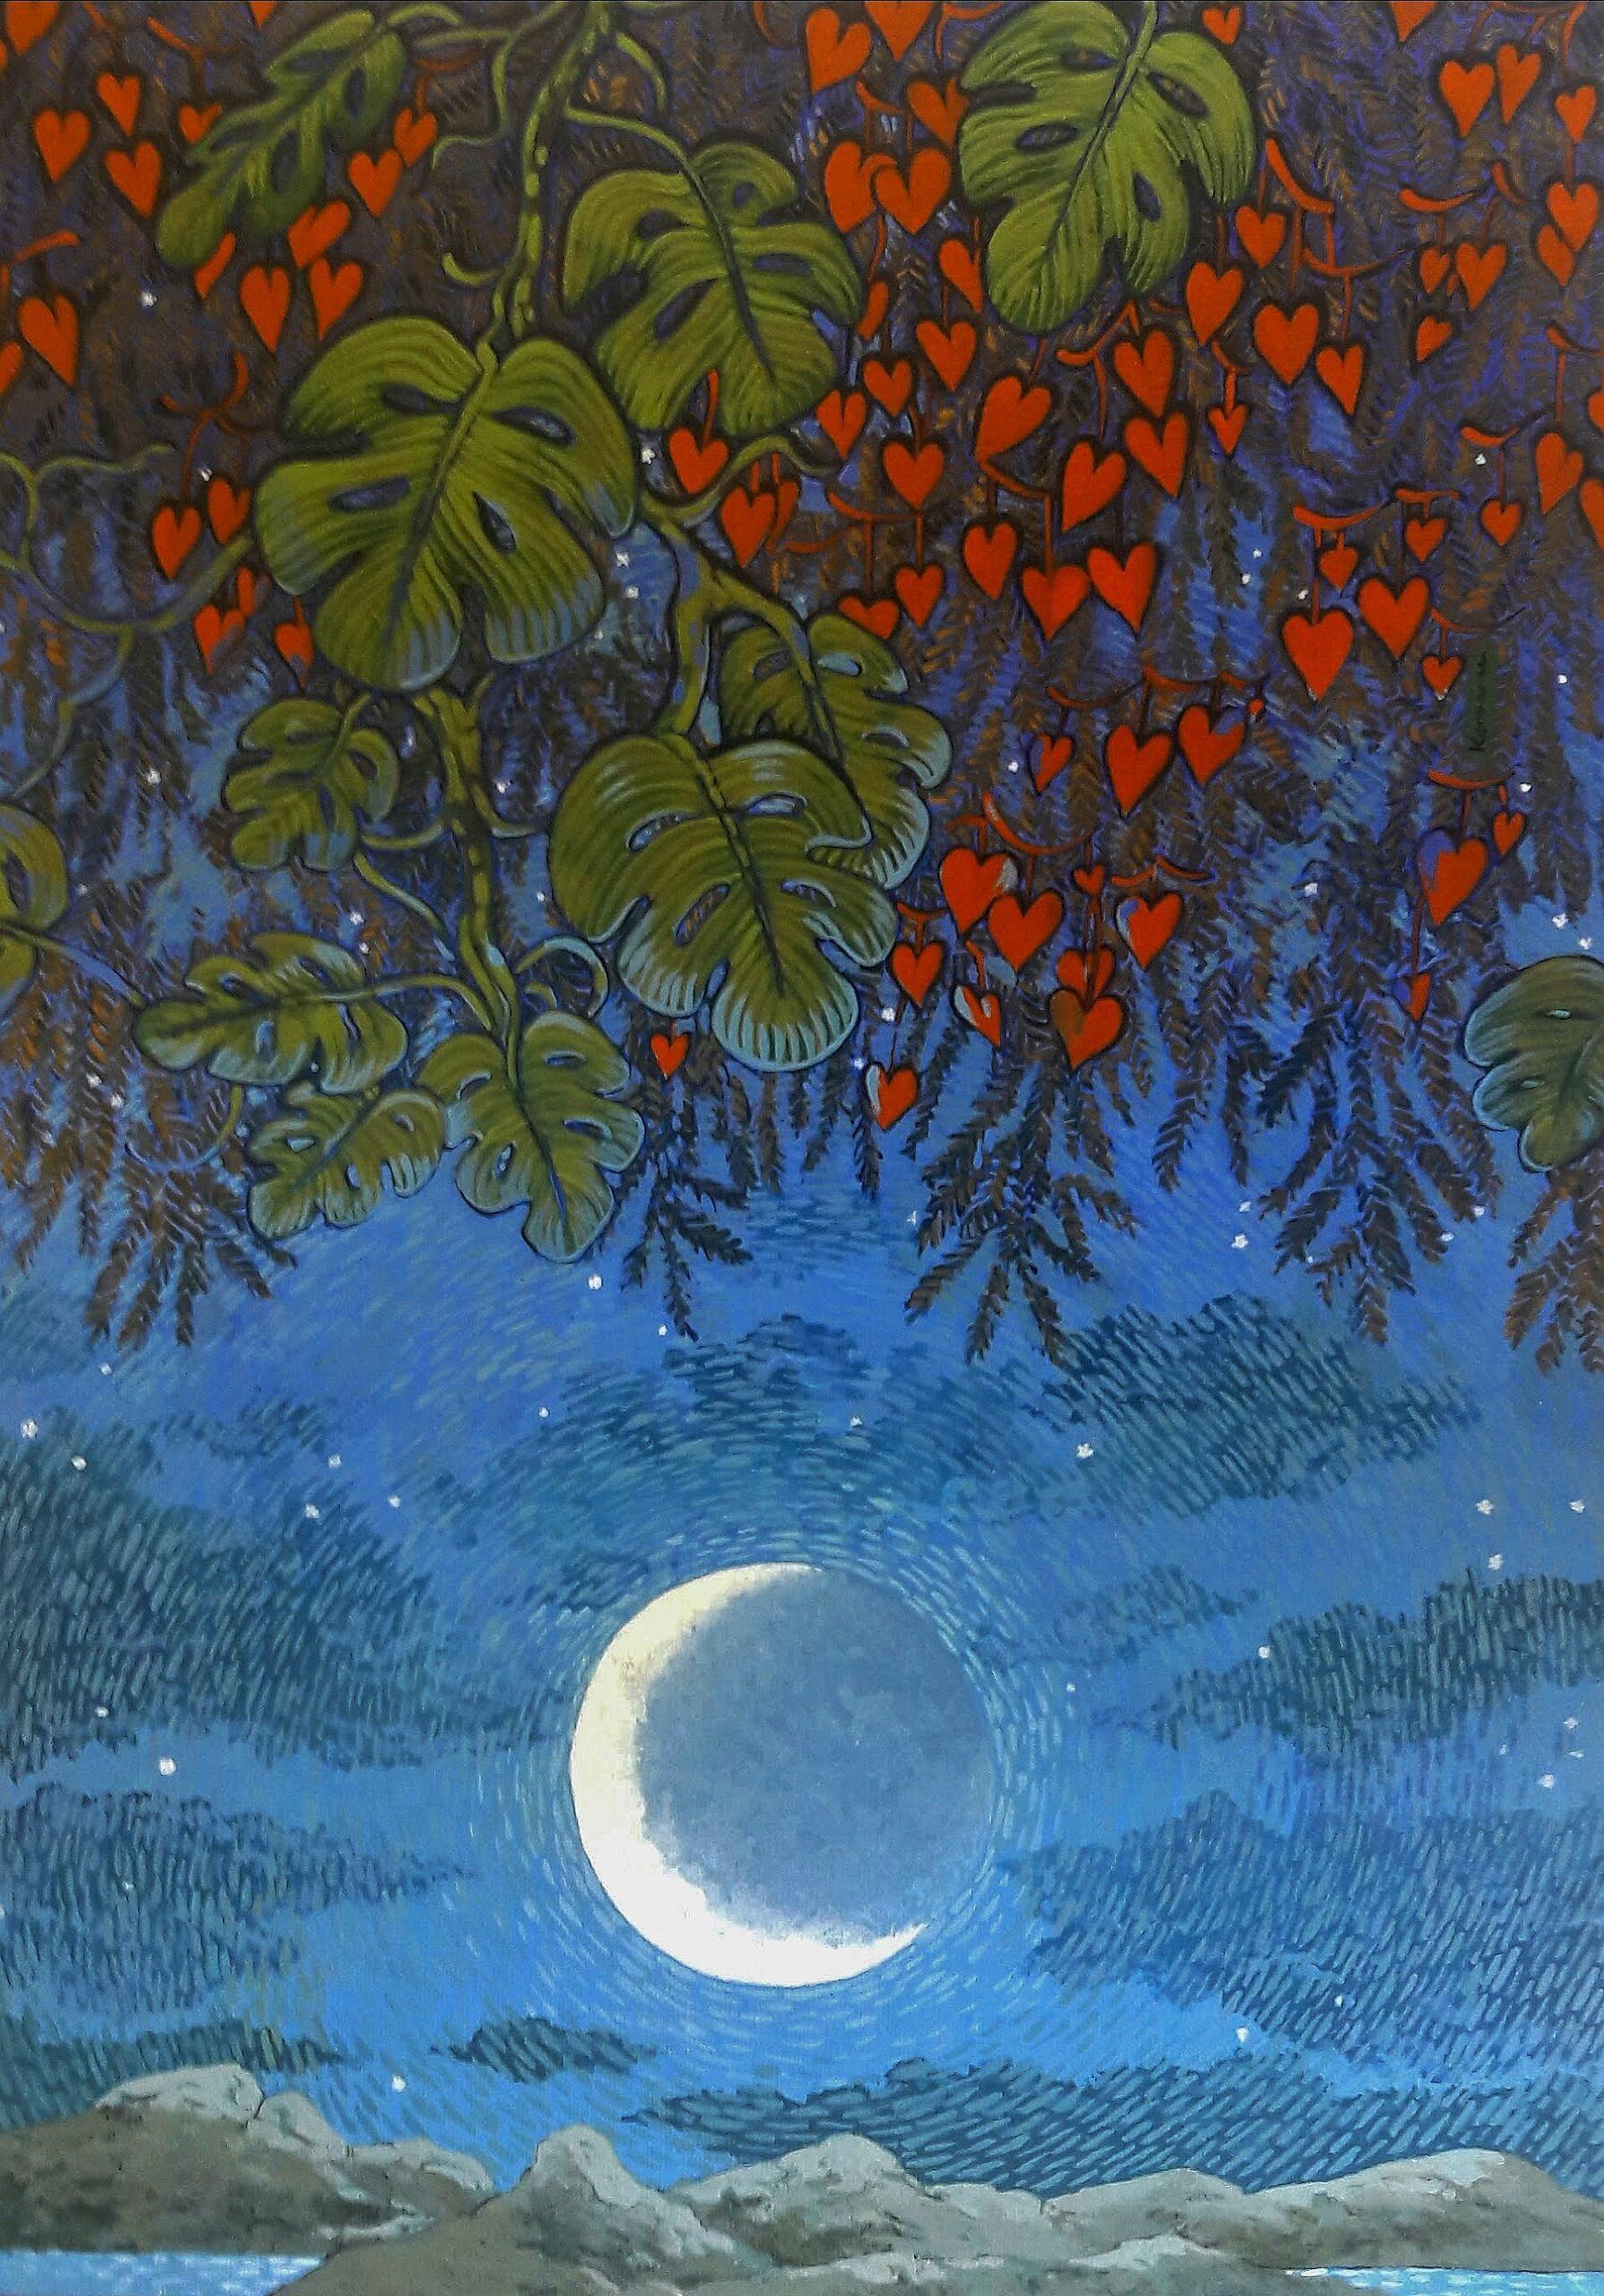 Aux cœurs de la nuit, nocturne acrylique sur toile